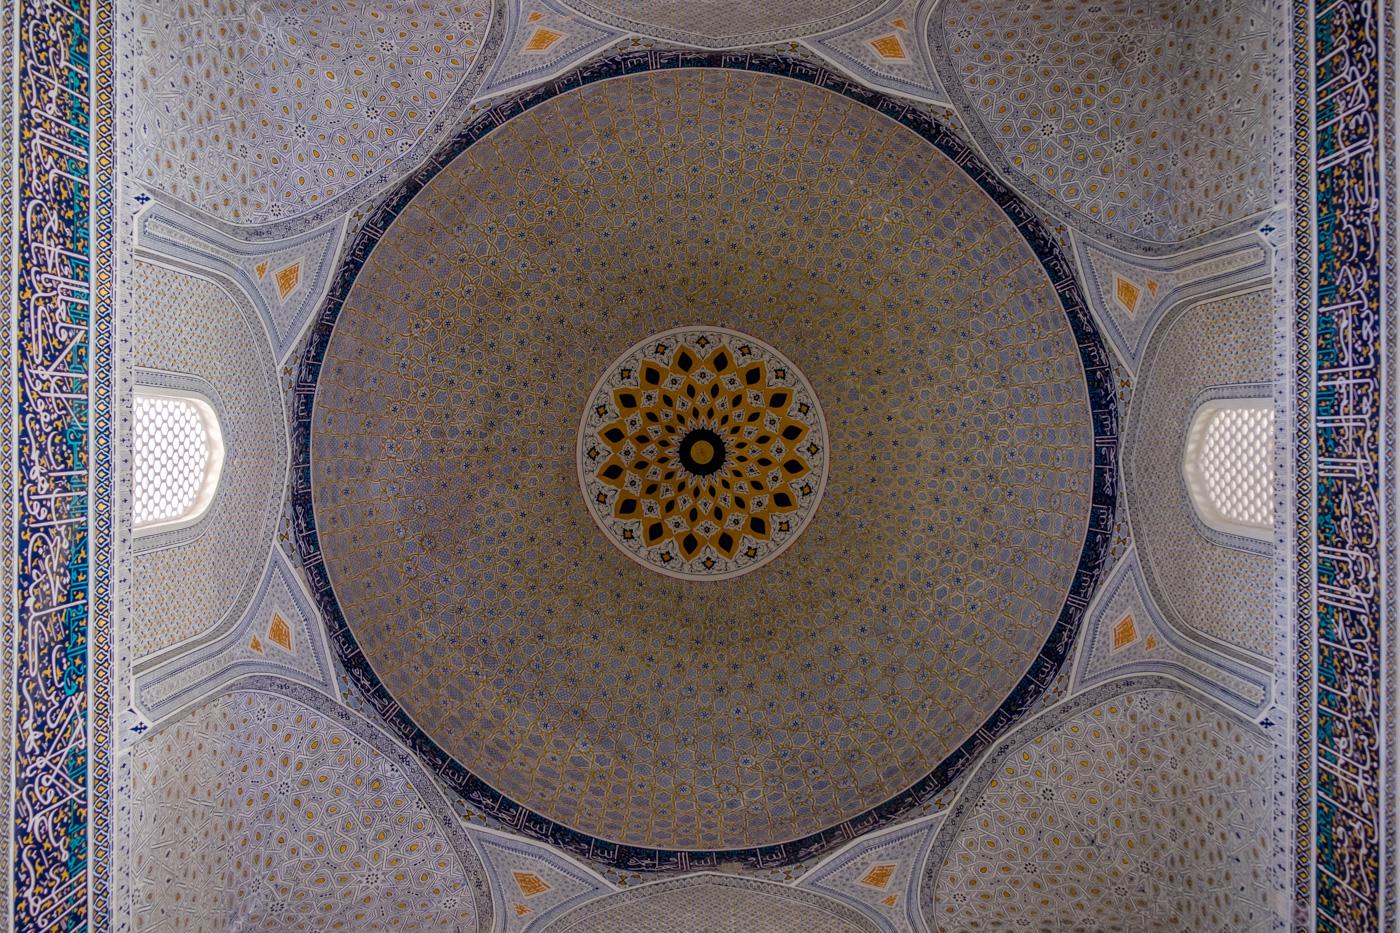 Reich verzierte Kuppel der Bibi-Chanum-Moschee.